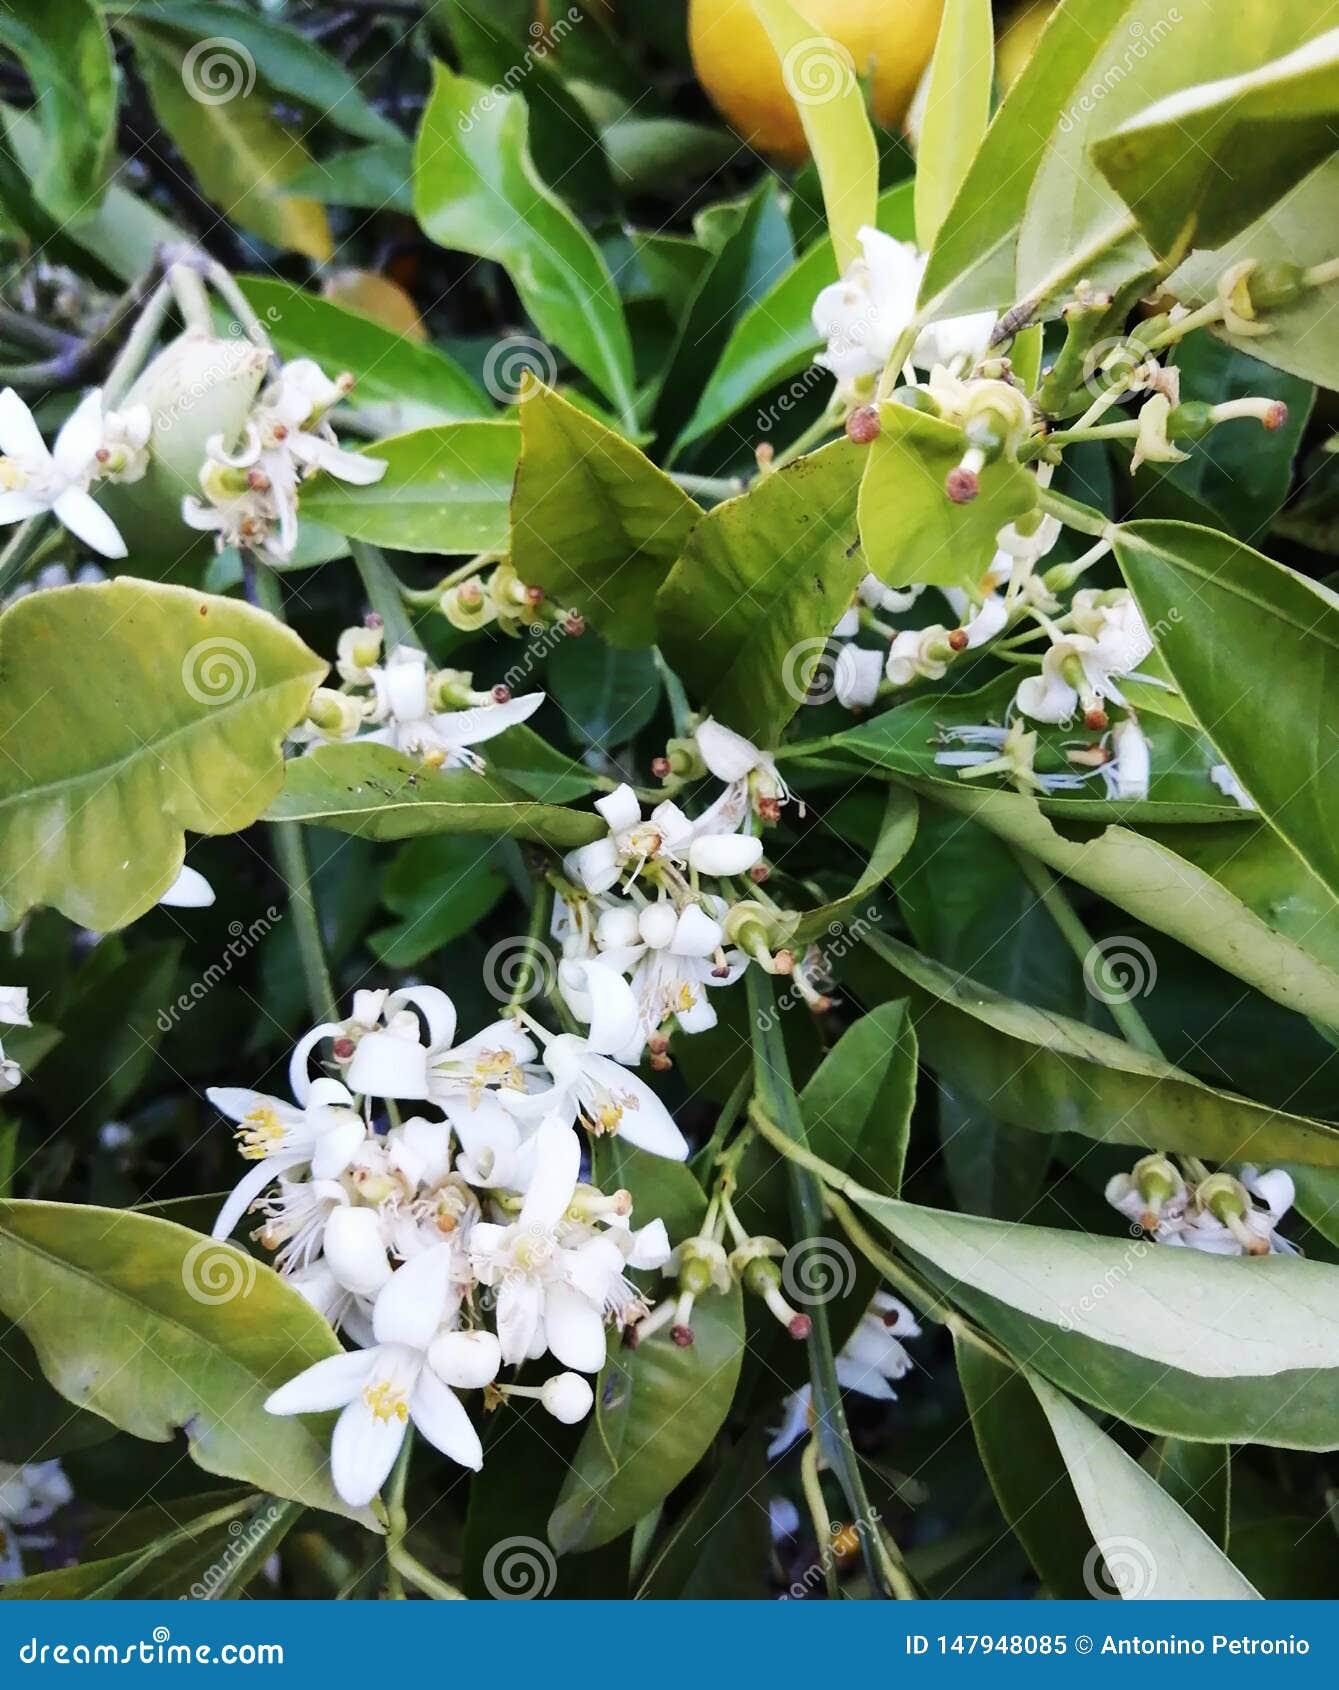 Flor del limón, del blanco a ponerse verde